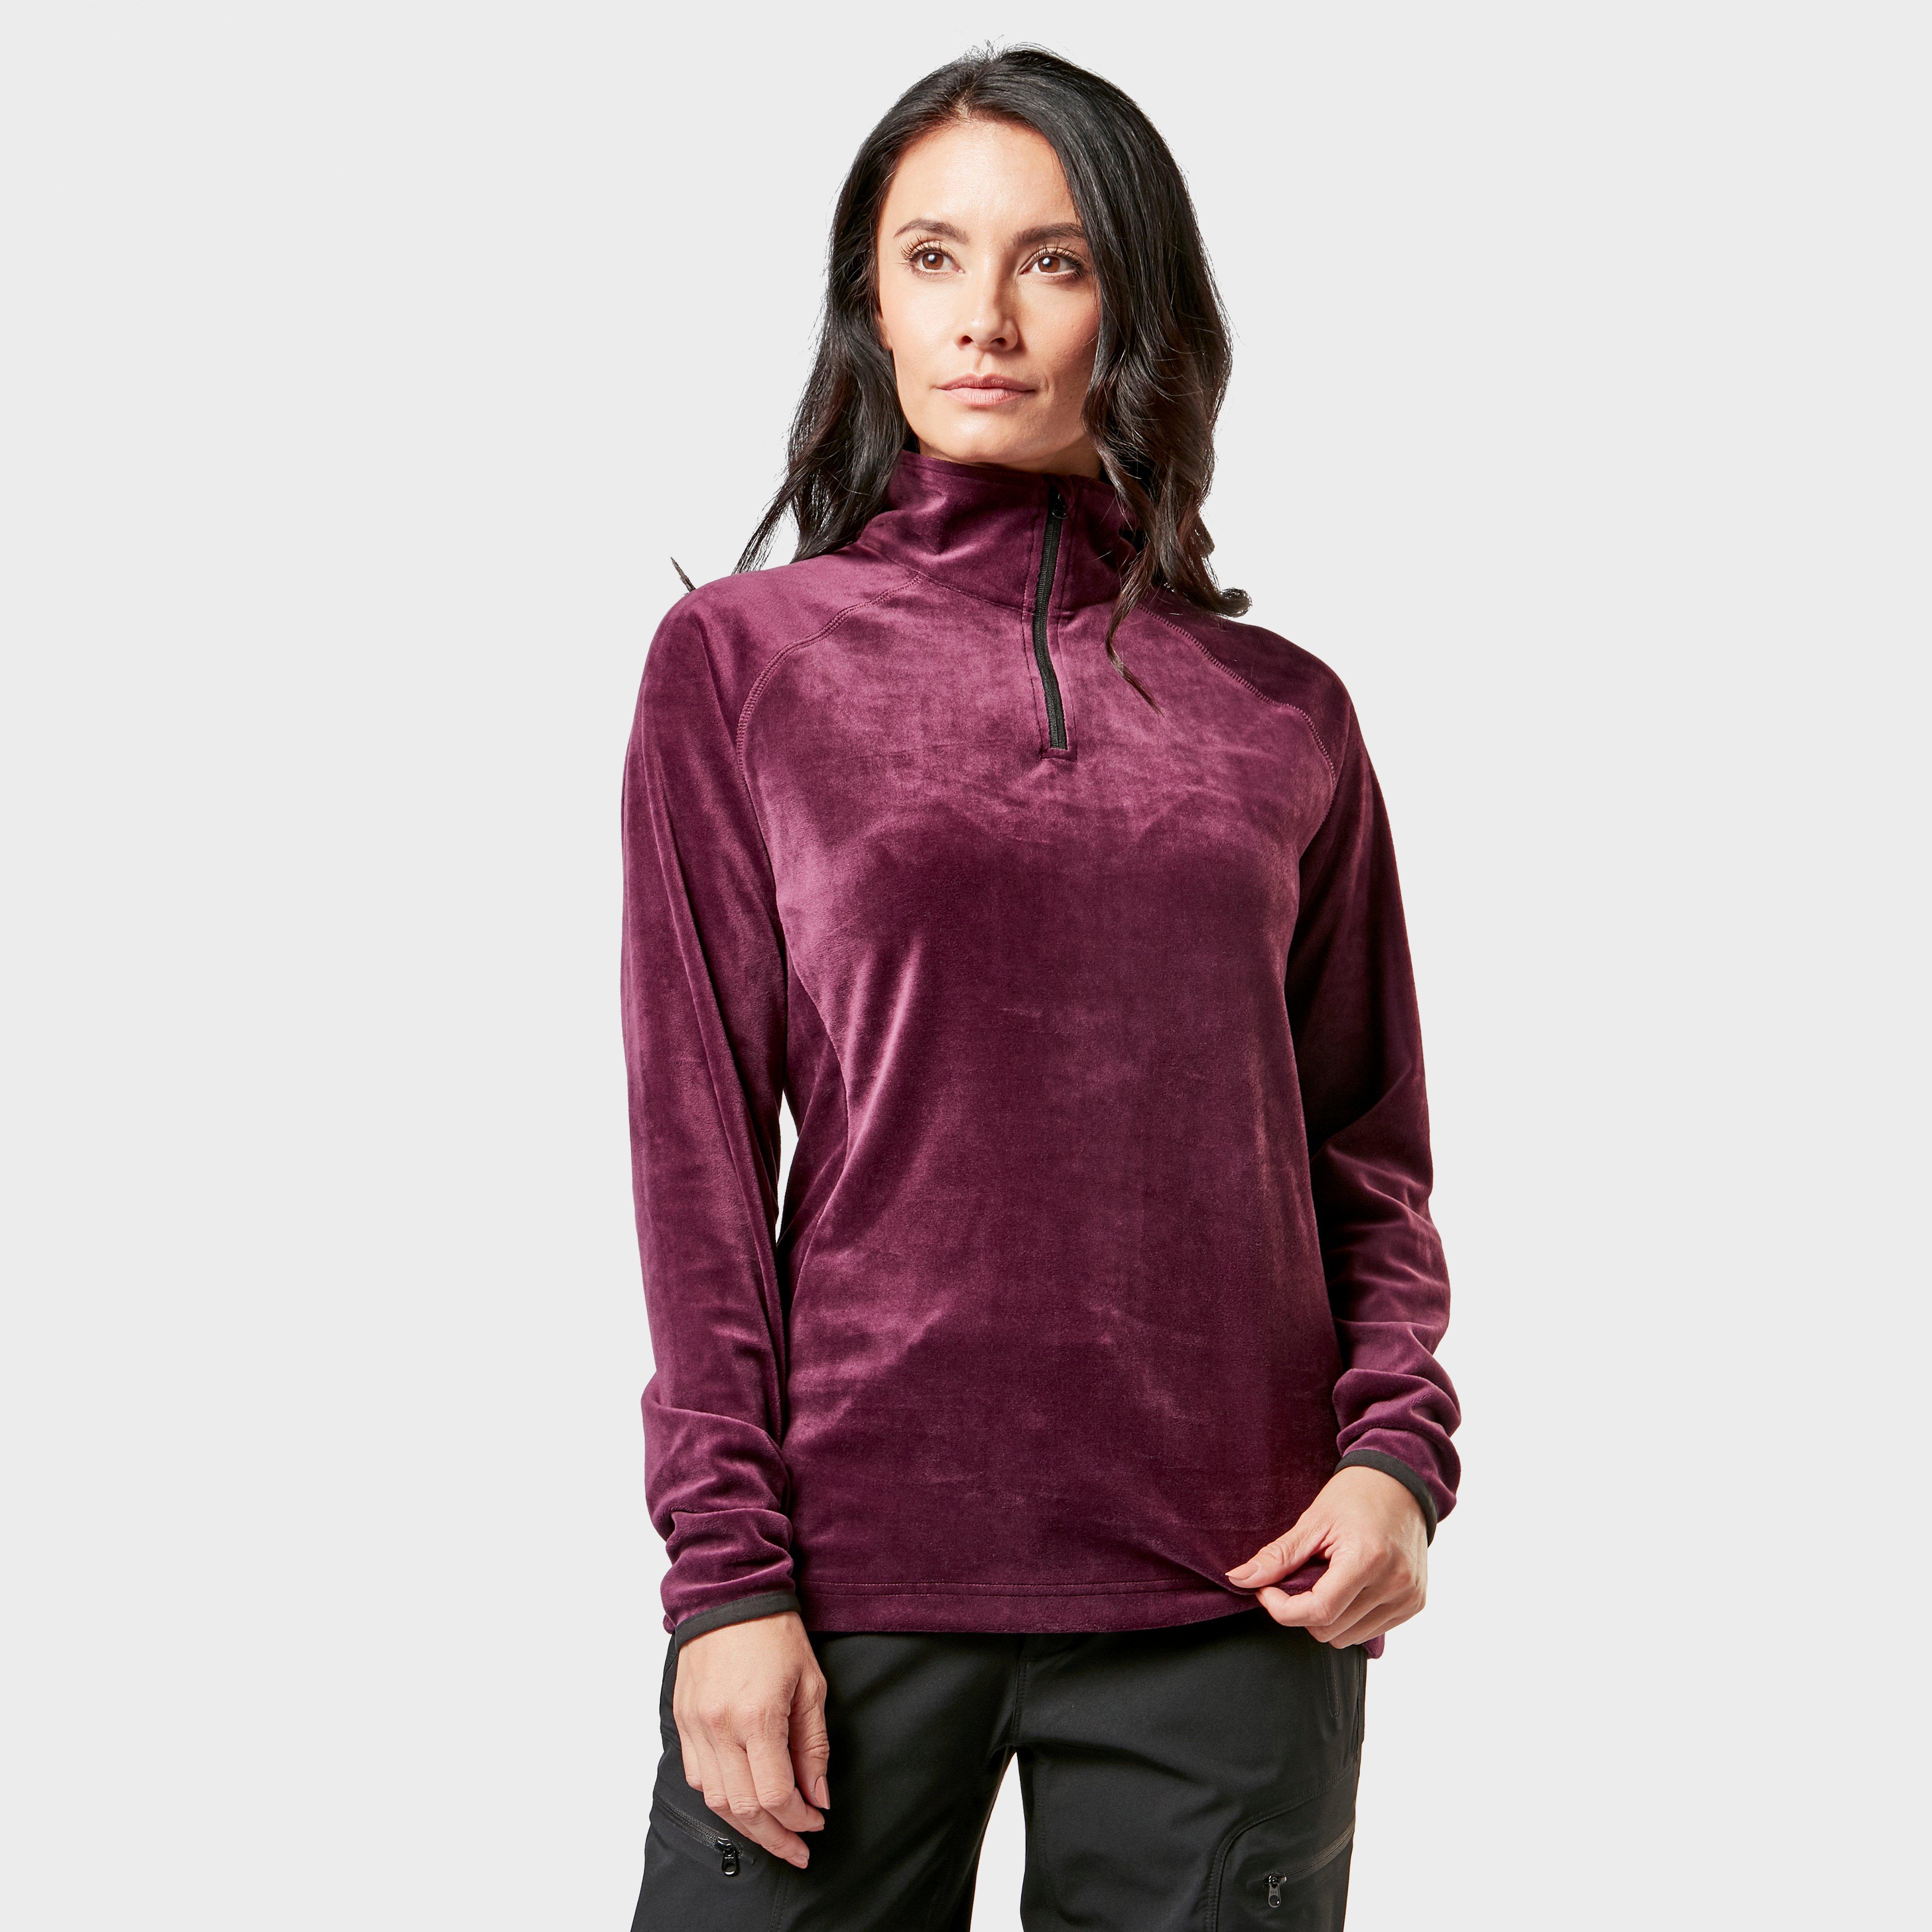 Regatta Regatta Womens Half-Zip Lavene Fleece - Purple, Purple